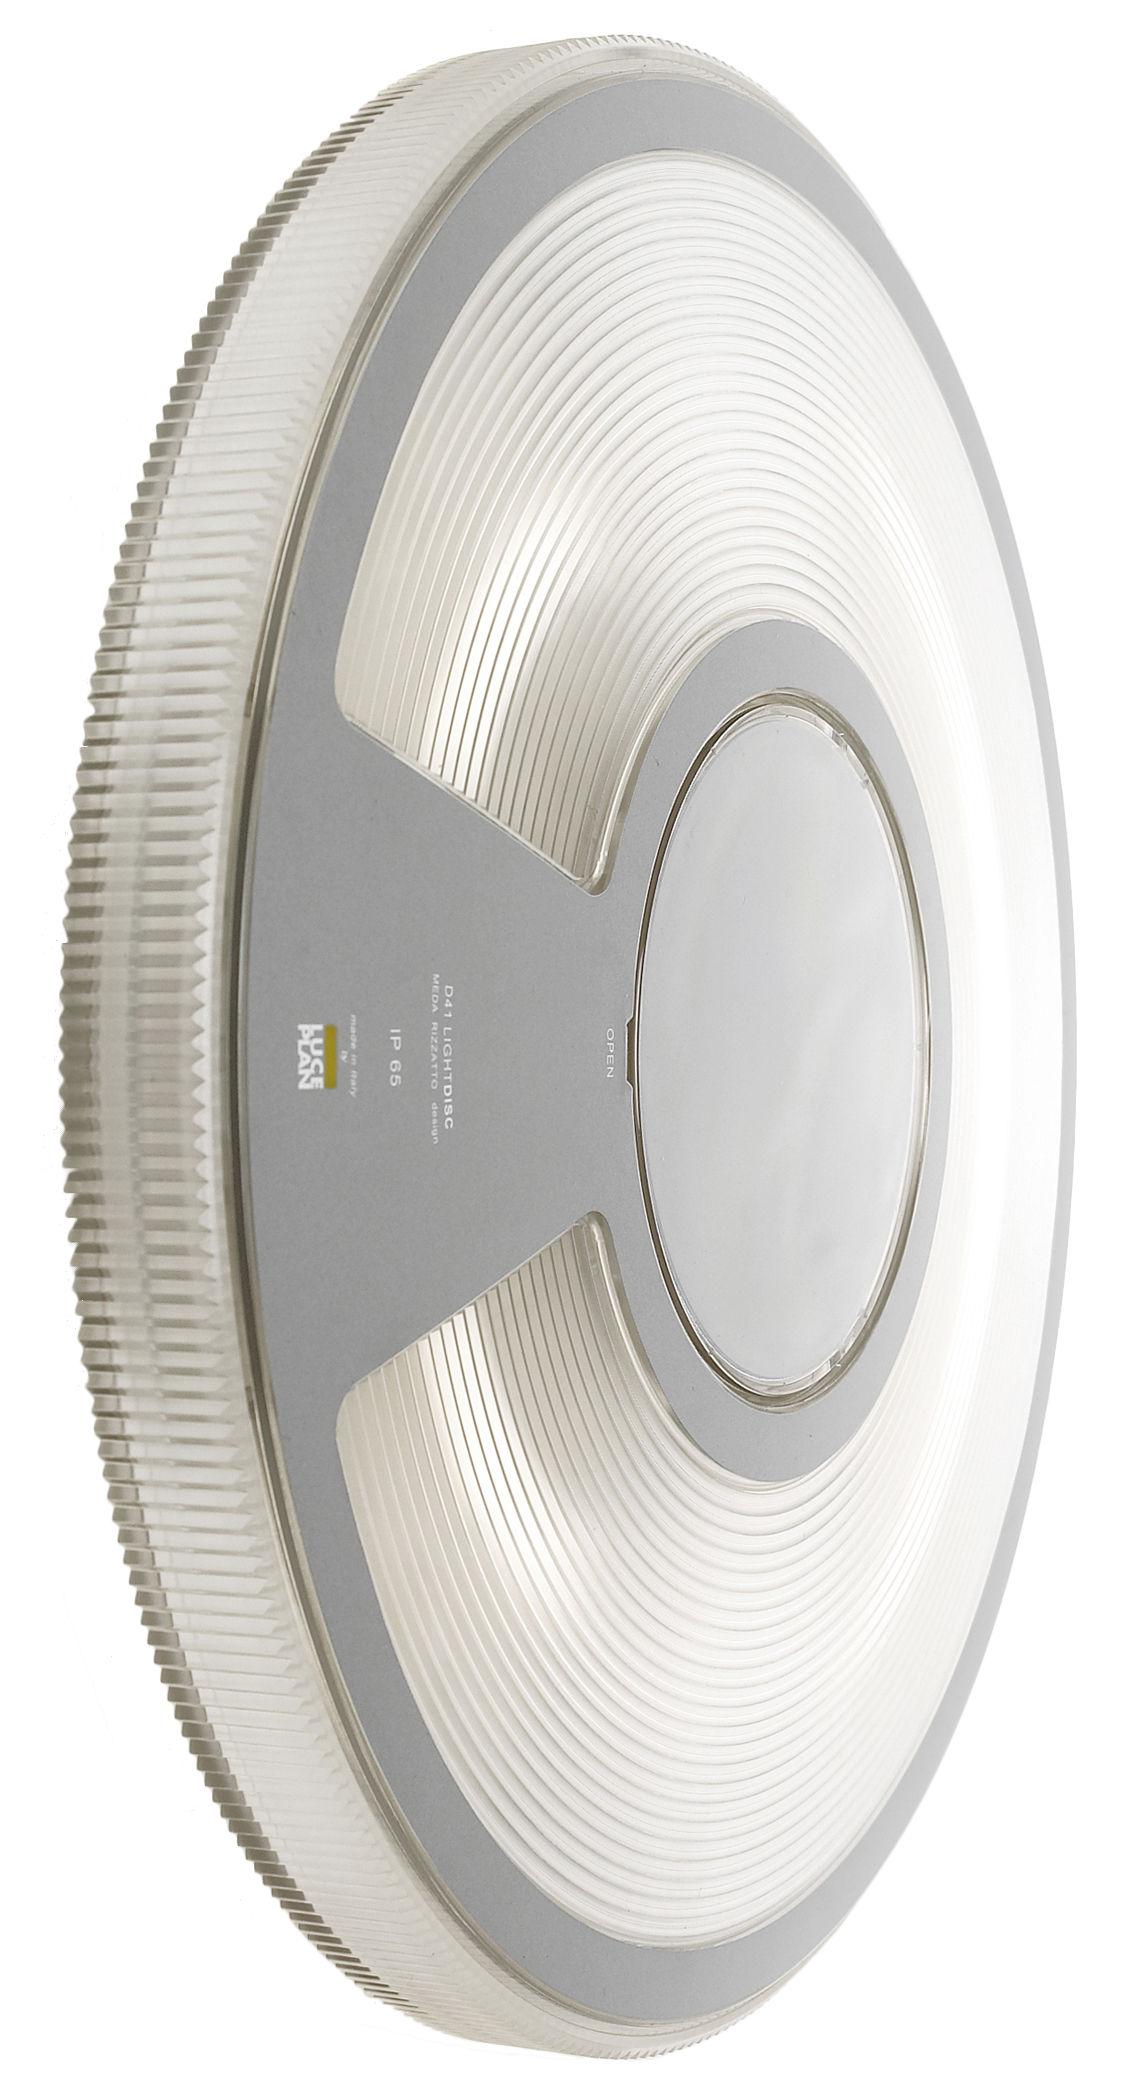 Lighting - Wall Lights - Lightdisc Outdoor wall light - Ceiling light - Ø 32 cm by Luceplan - Transparent - Polycarbonate